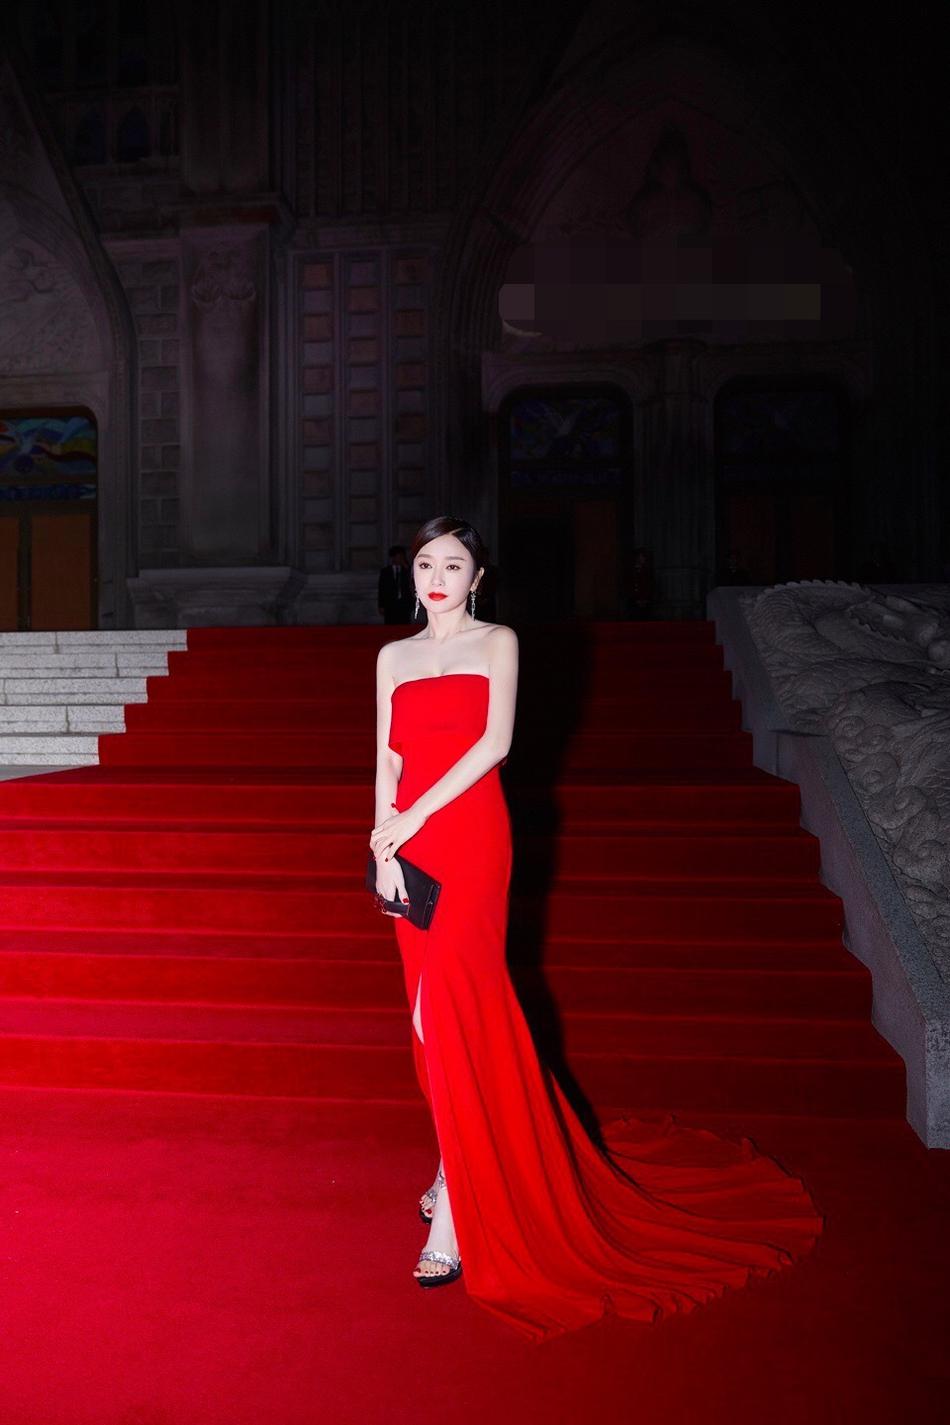 秦岚盛装亮相韩国某活动 红裙妩媚黑裙端庄